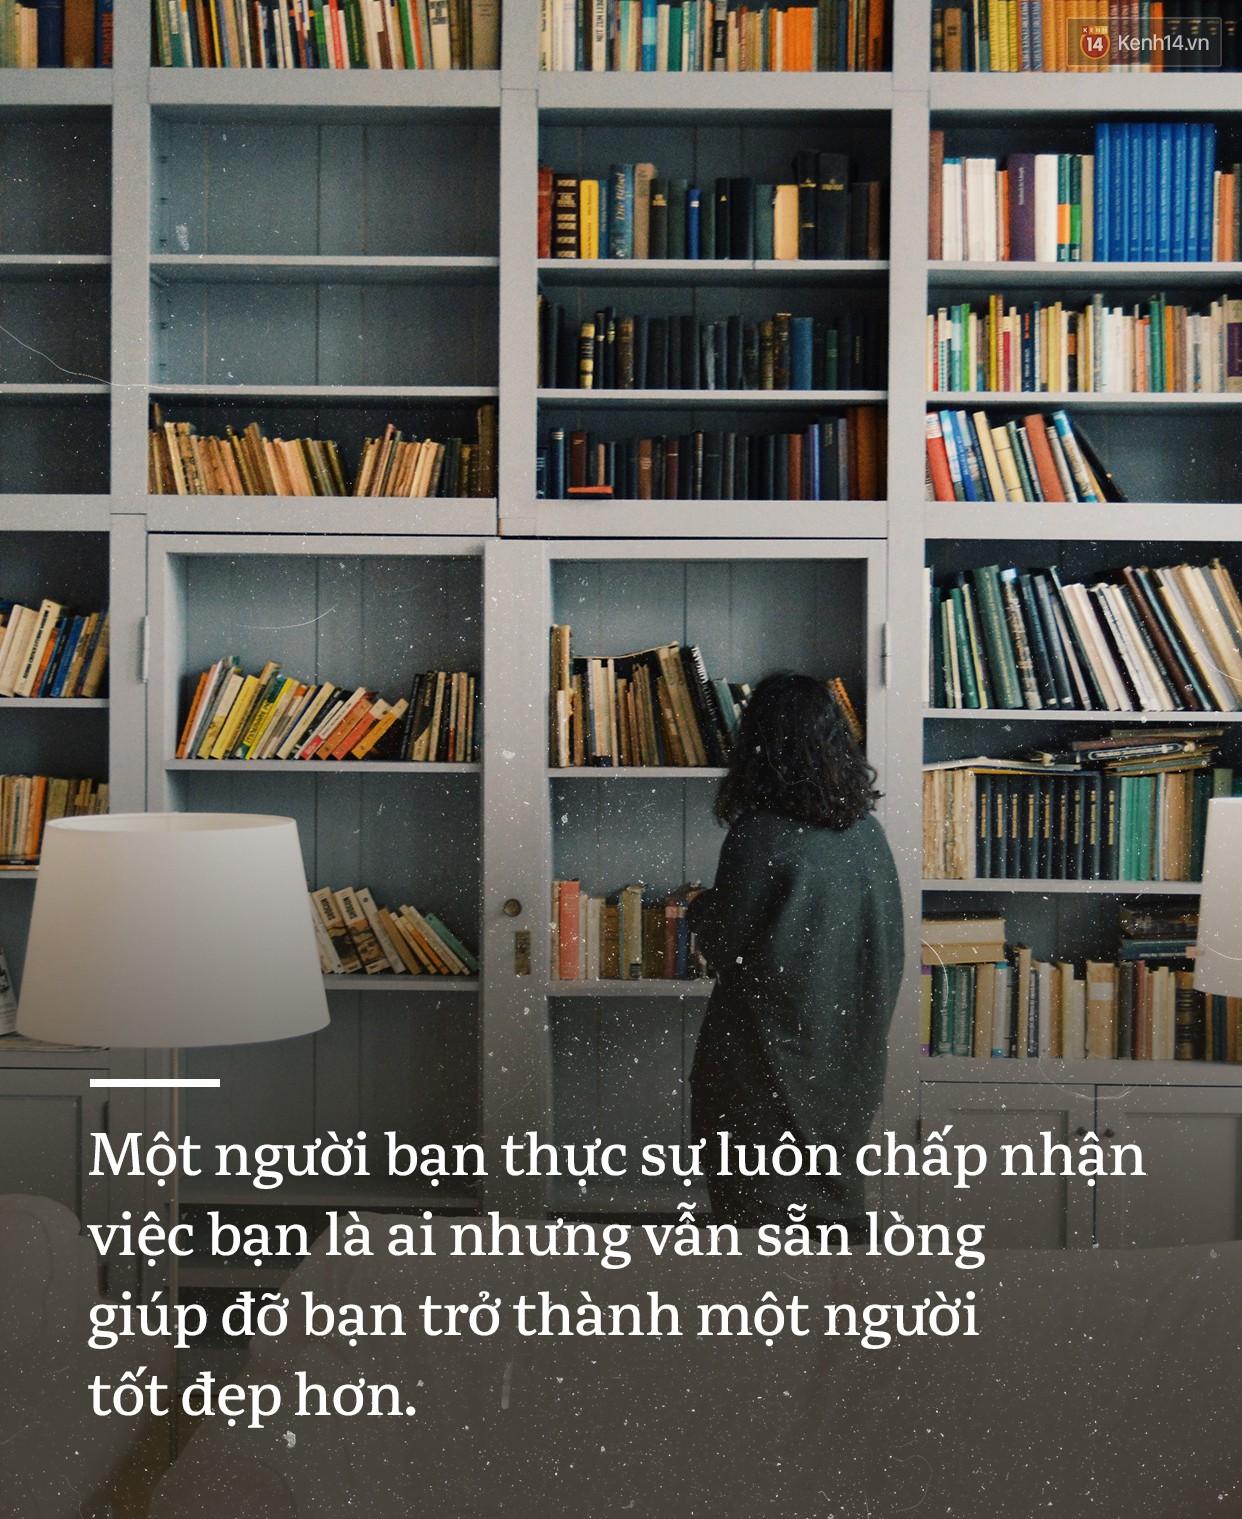 châm ngôn sống của năm 2019 - photo 3 1546393975025527388080 - 13 câu nói xứng đáng để bạn chọn làm châm ngôn sống của năm 2019